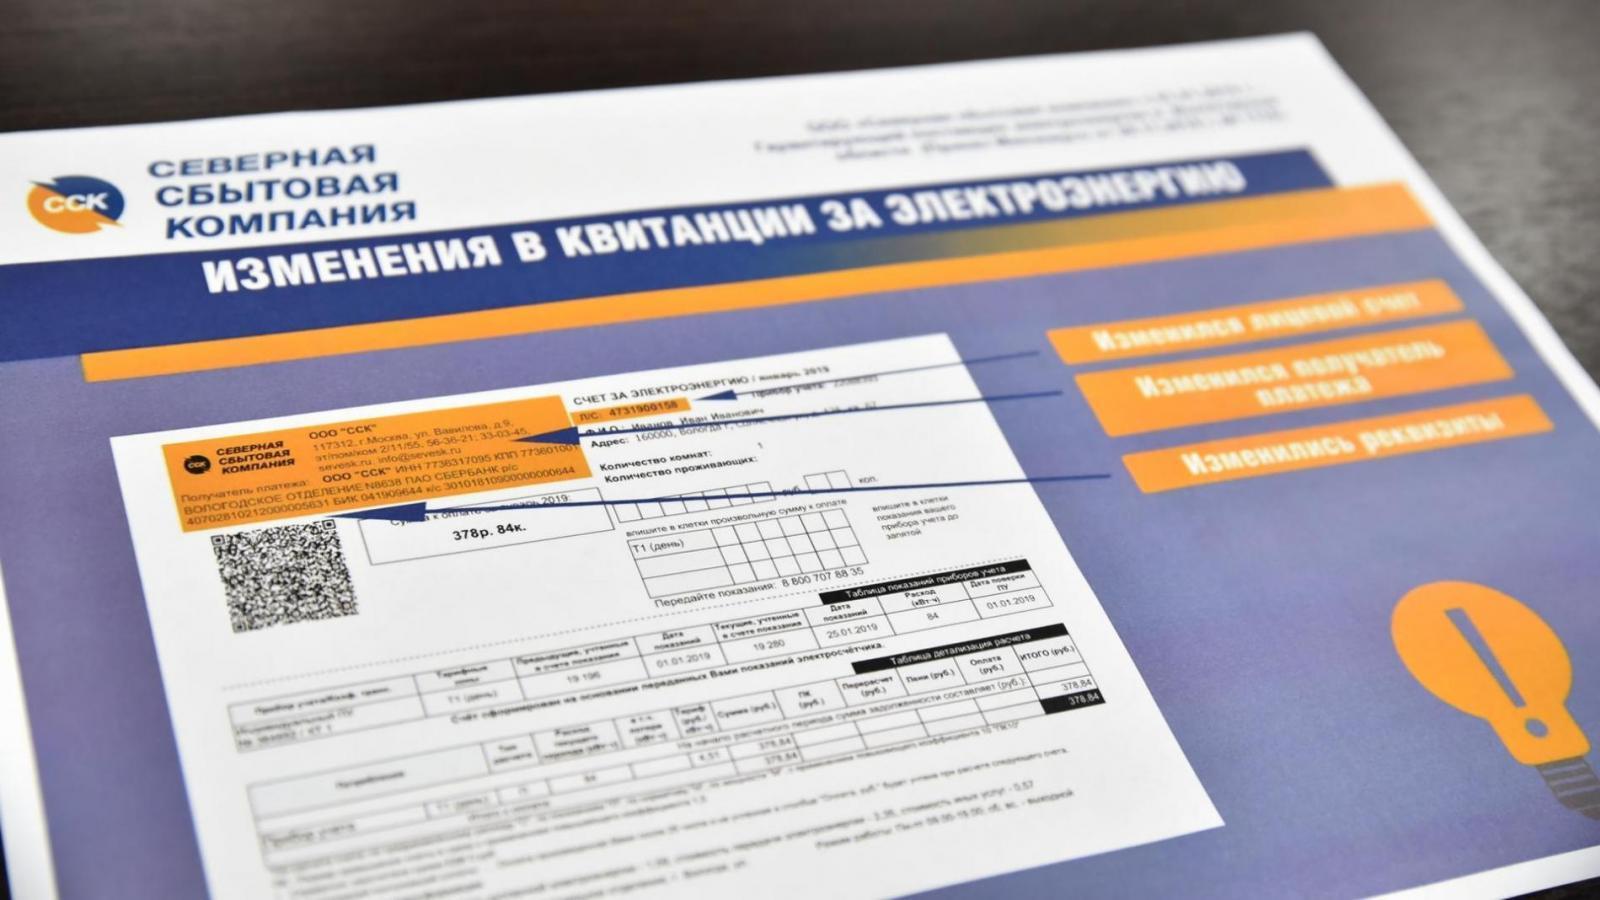 Вологжане начали получать оранжевые квитанции за электричество